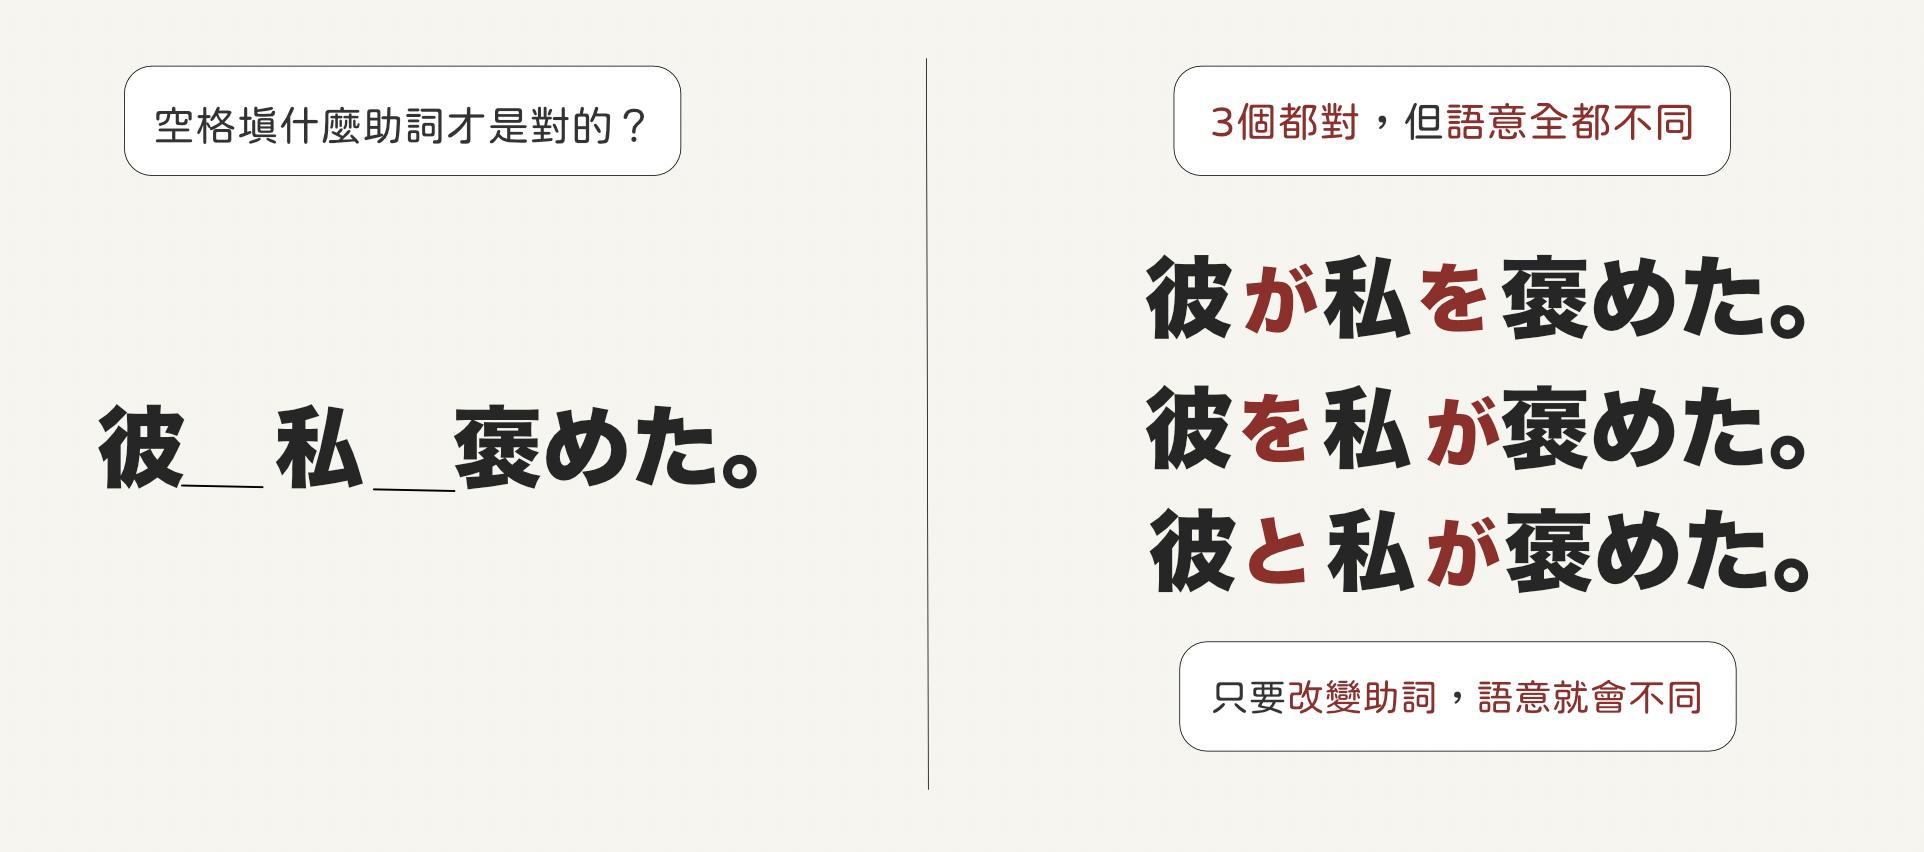 日文助詞很重要